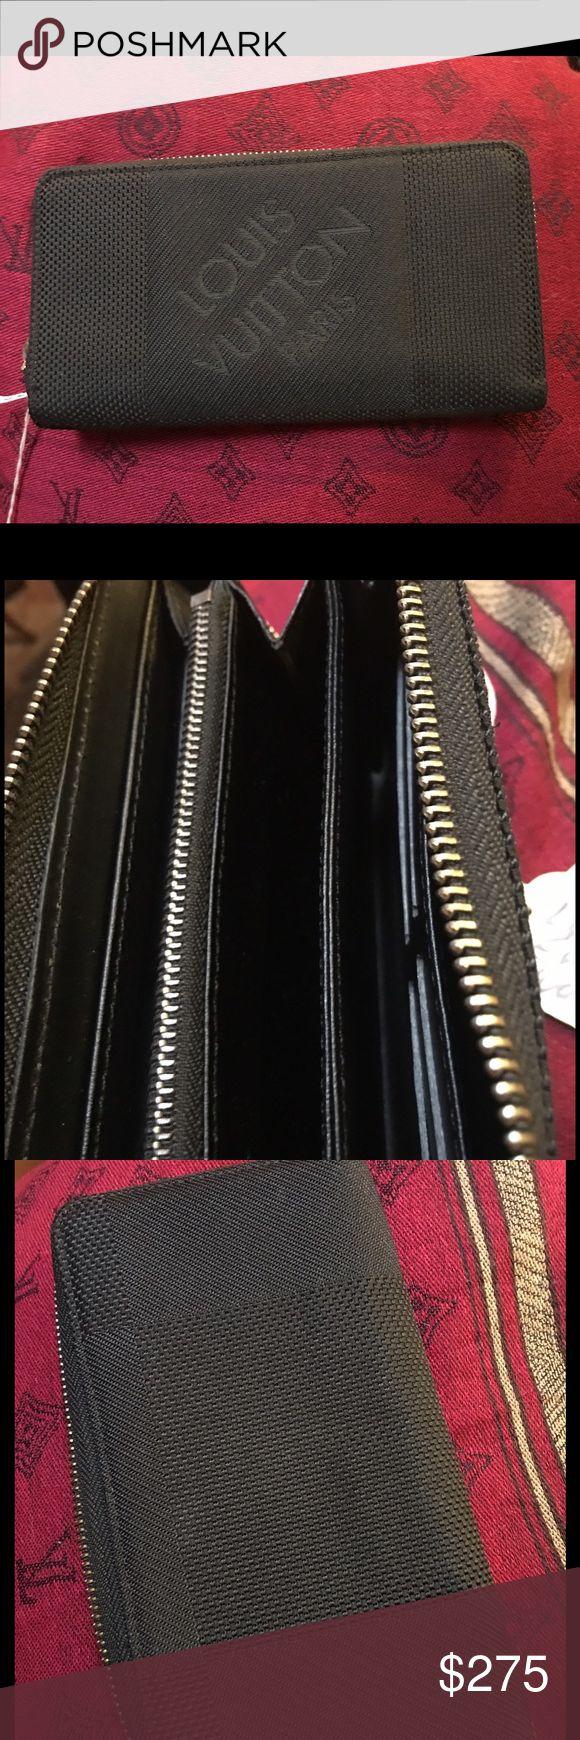 Authentic LVuitton black unisex canvas wallet Real Louis Vuitton blk canvas envelope wallet Louis Vuitton Accessories